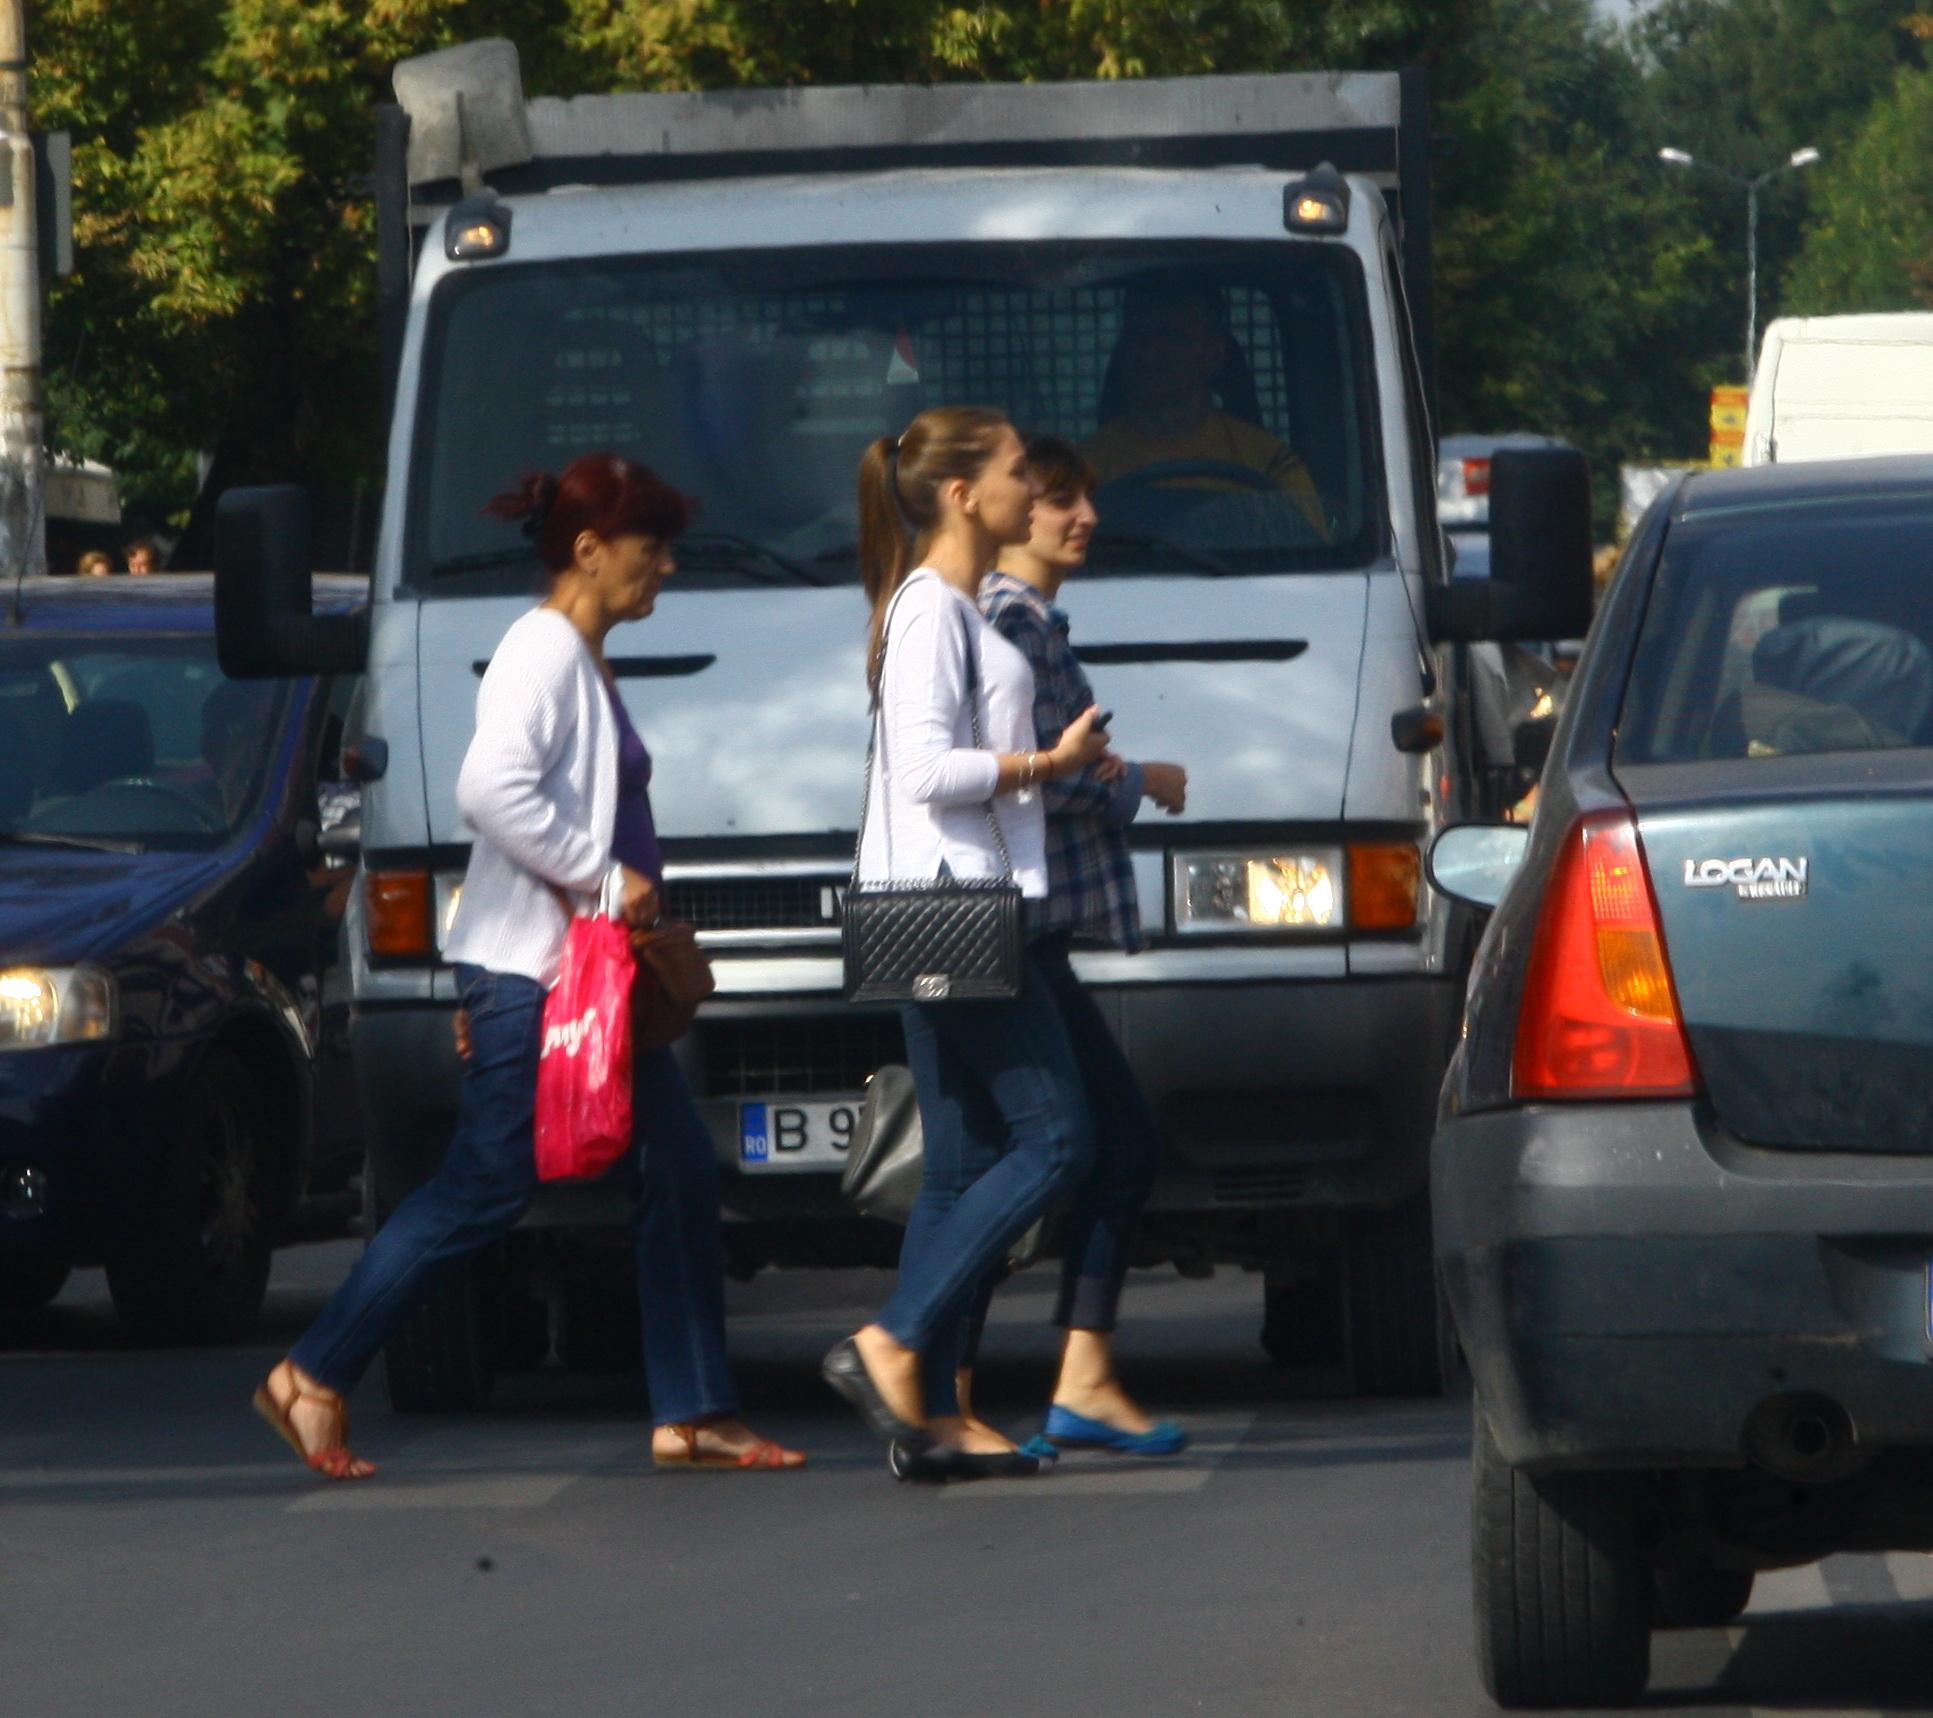 Fiica lui Gigi Becali a iesit de la ore si se indreapta spre masina care o asteapta in apropiere